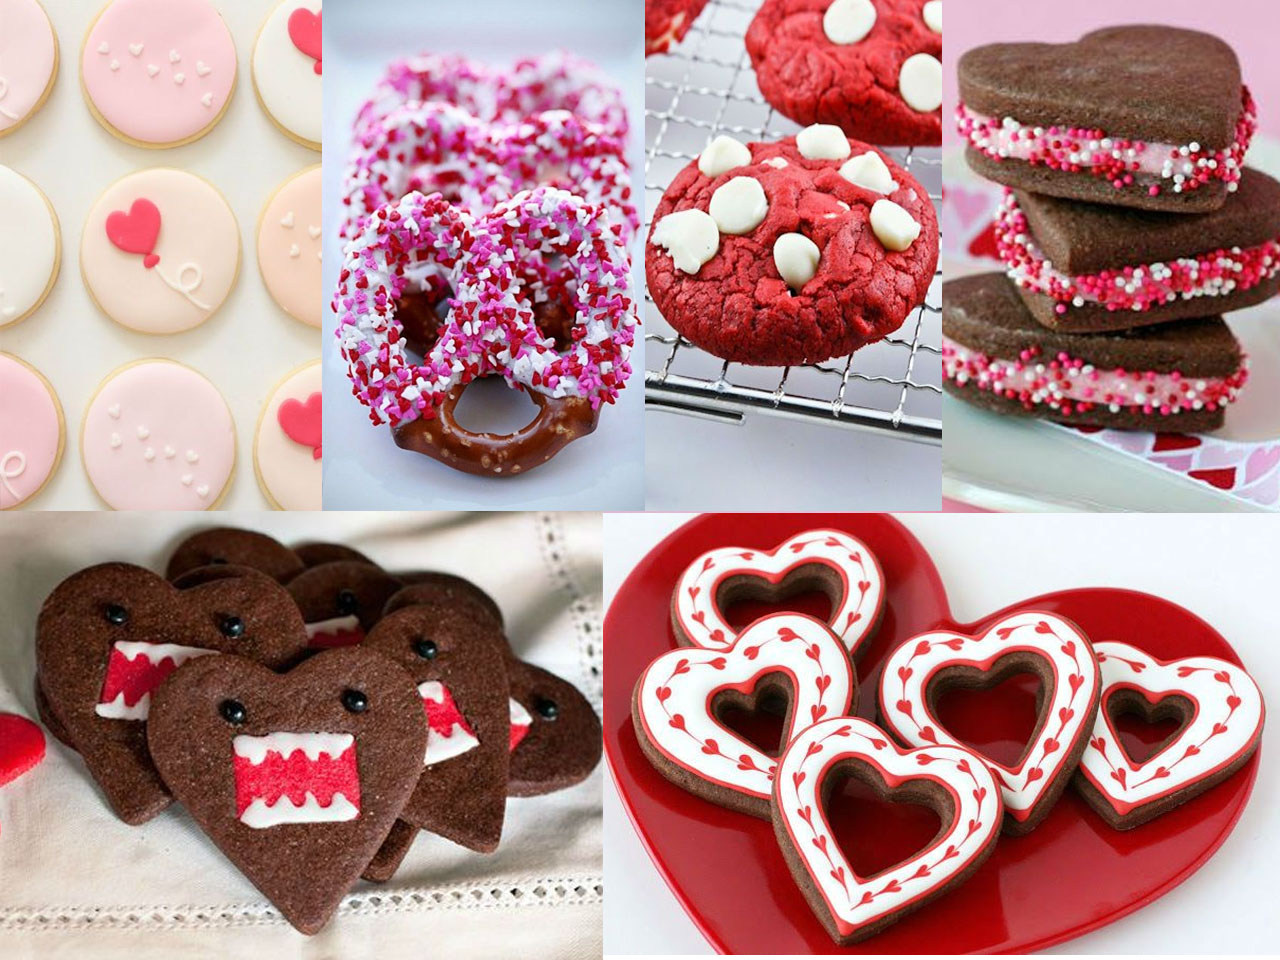 Del De 14 En Madera Y 14 Febrero Dia De Amor La Arreglos Caja Para De Amistad Febrero El